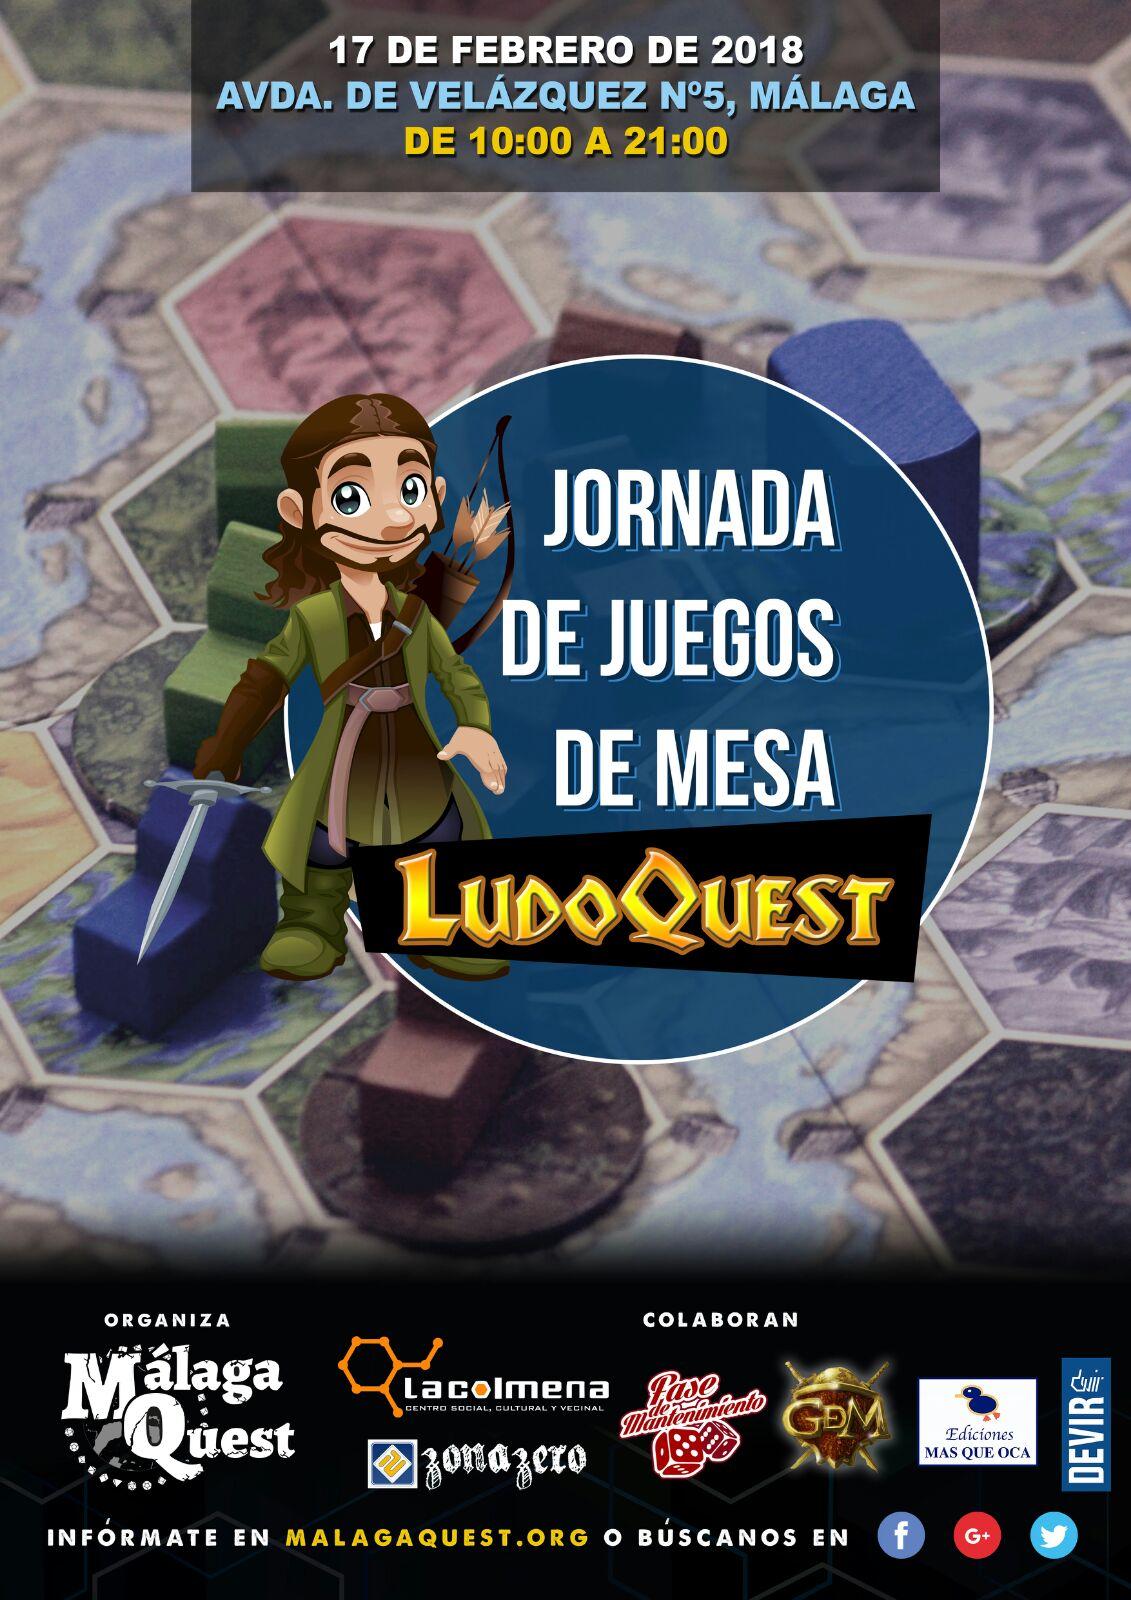 Biblioteca Ies Emilio Prados Ludoquest Jornada De Juegos De Mesa